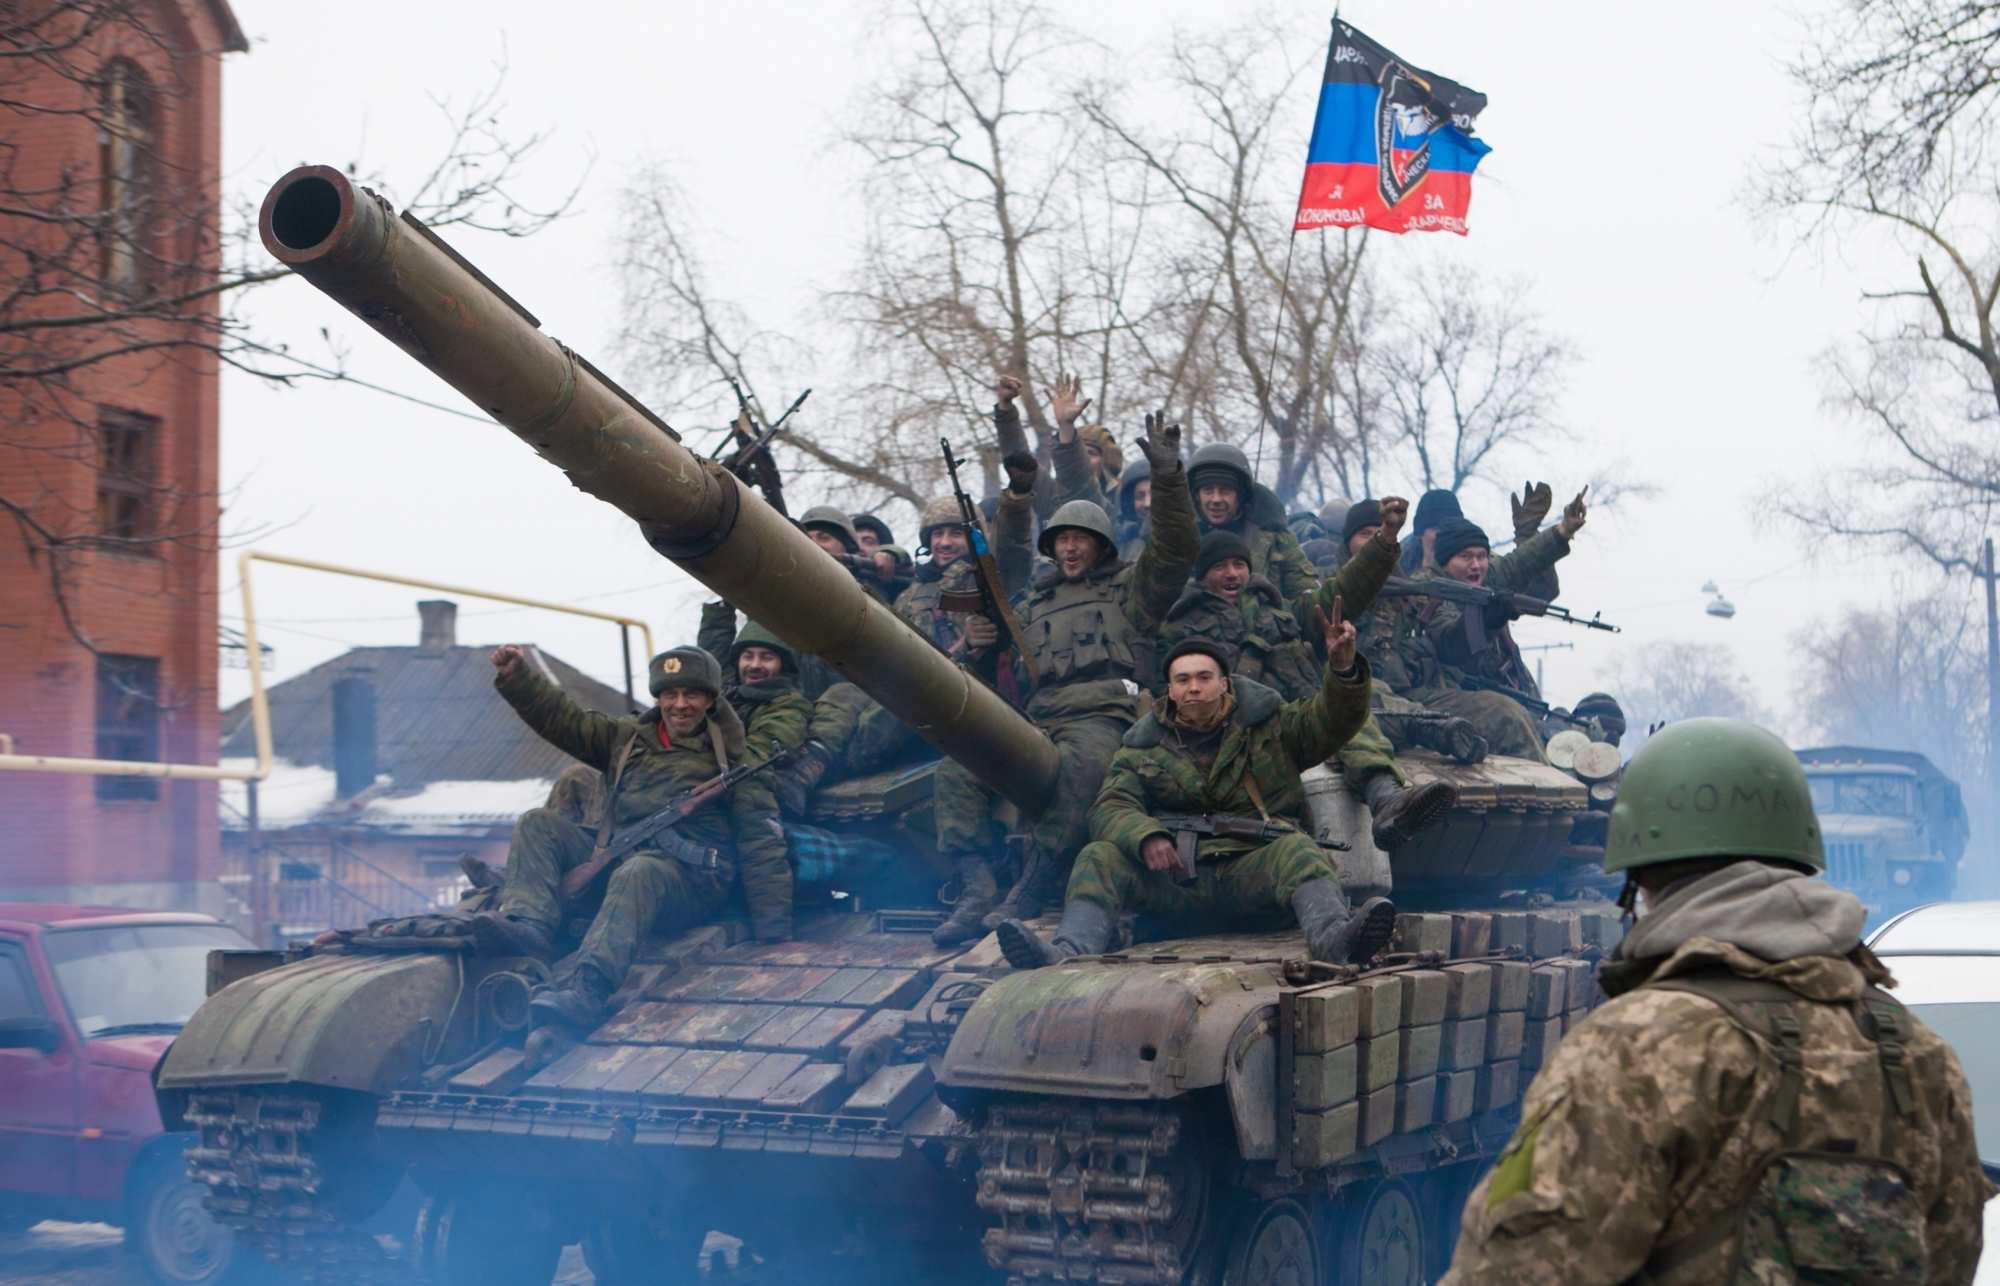 Кто стоит за Донбасс | Война | Аналитическая служба Донбасса